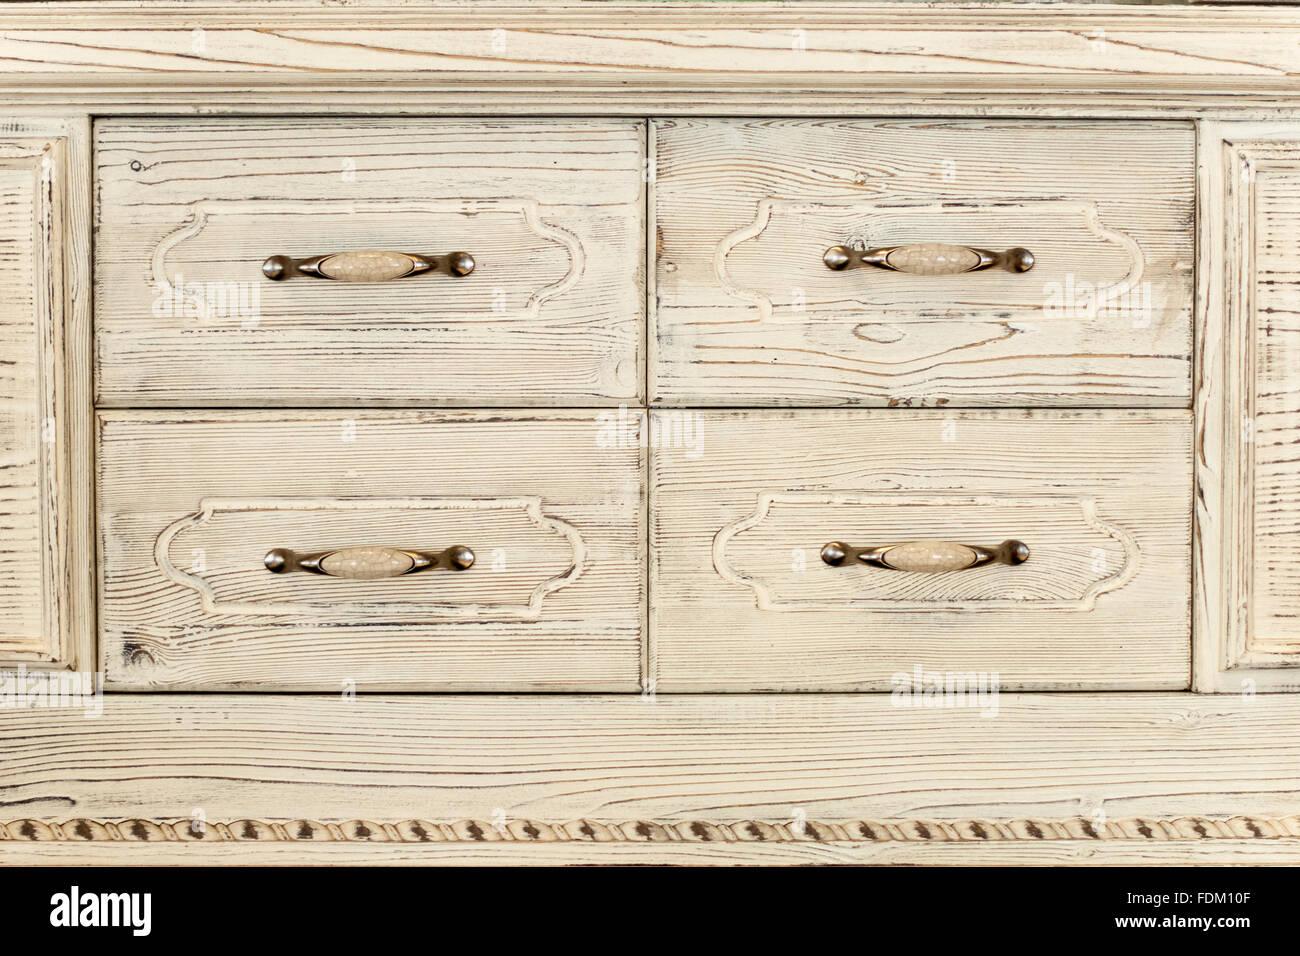 Wooden Kitchen Dresser Stock Photos & Wooden Kitchen Dresser Stock ...